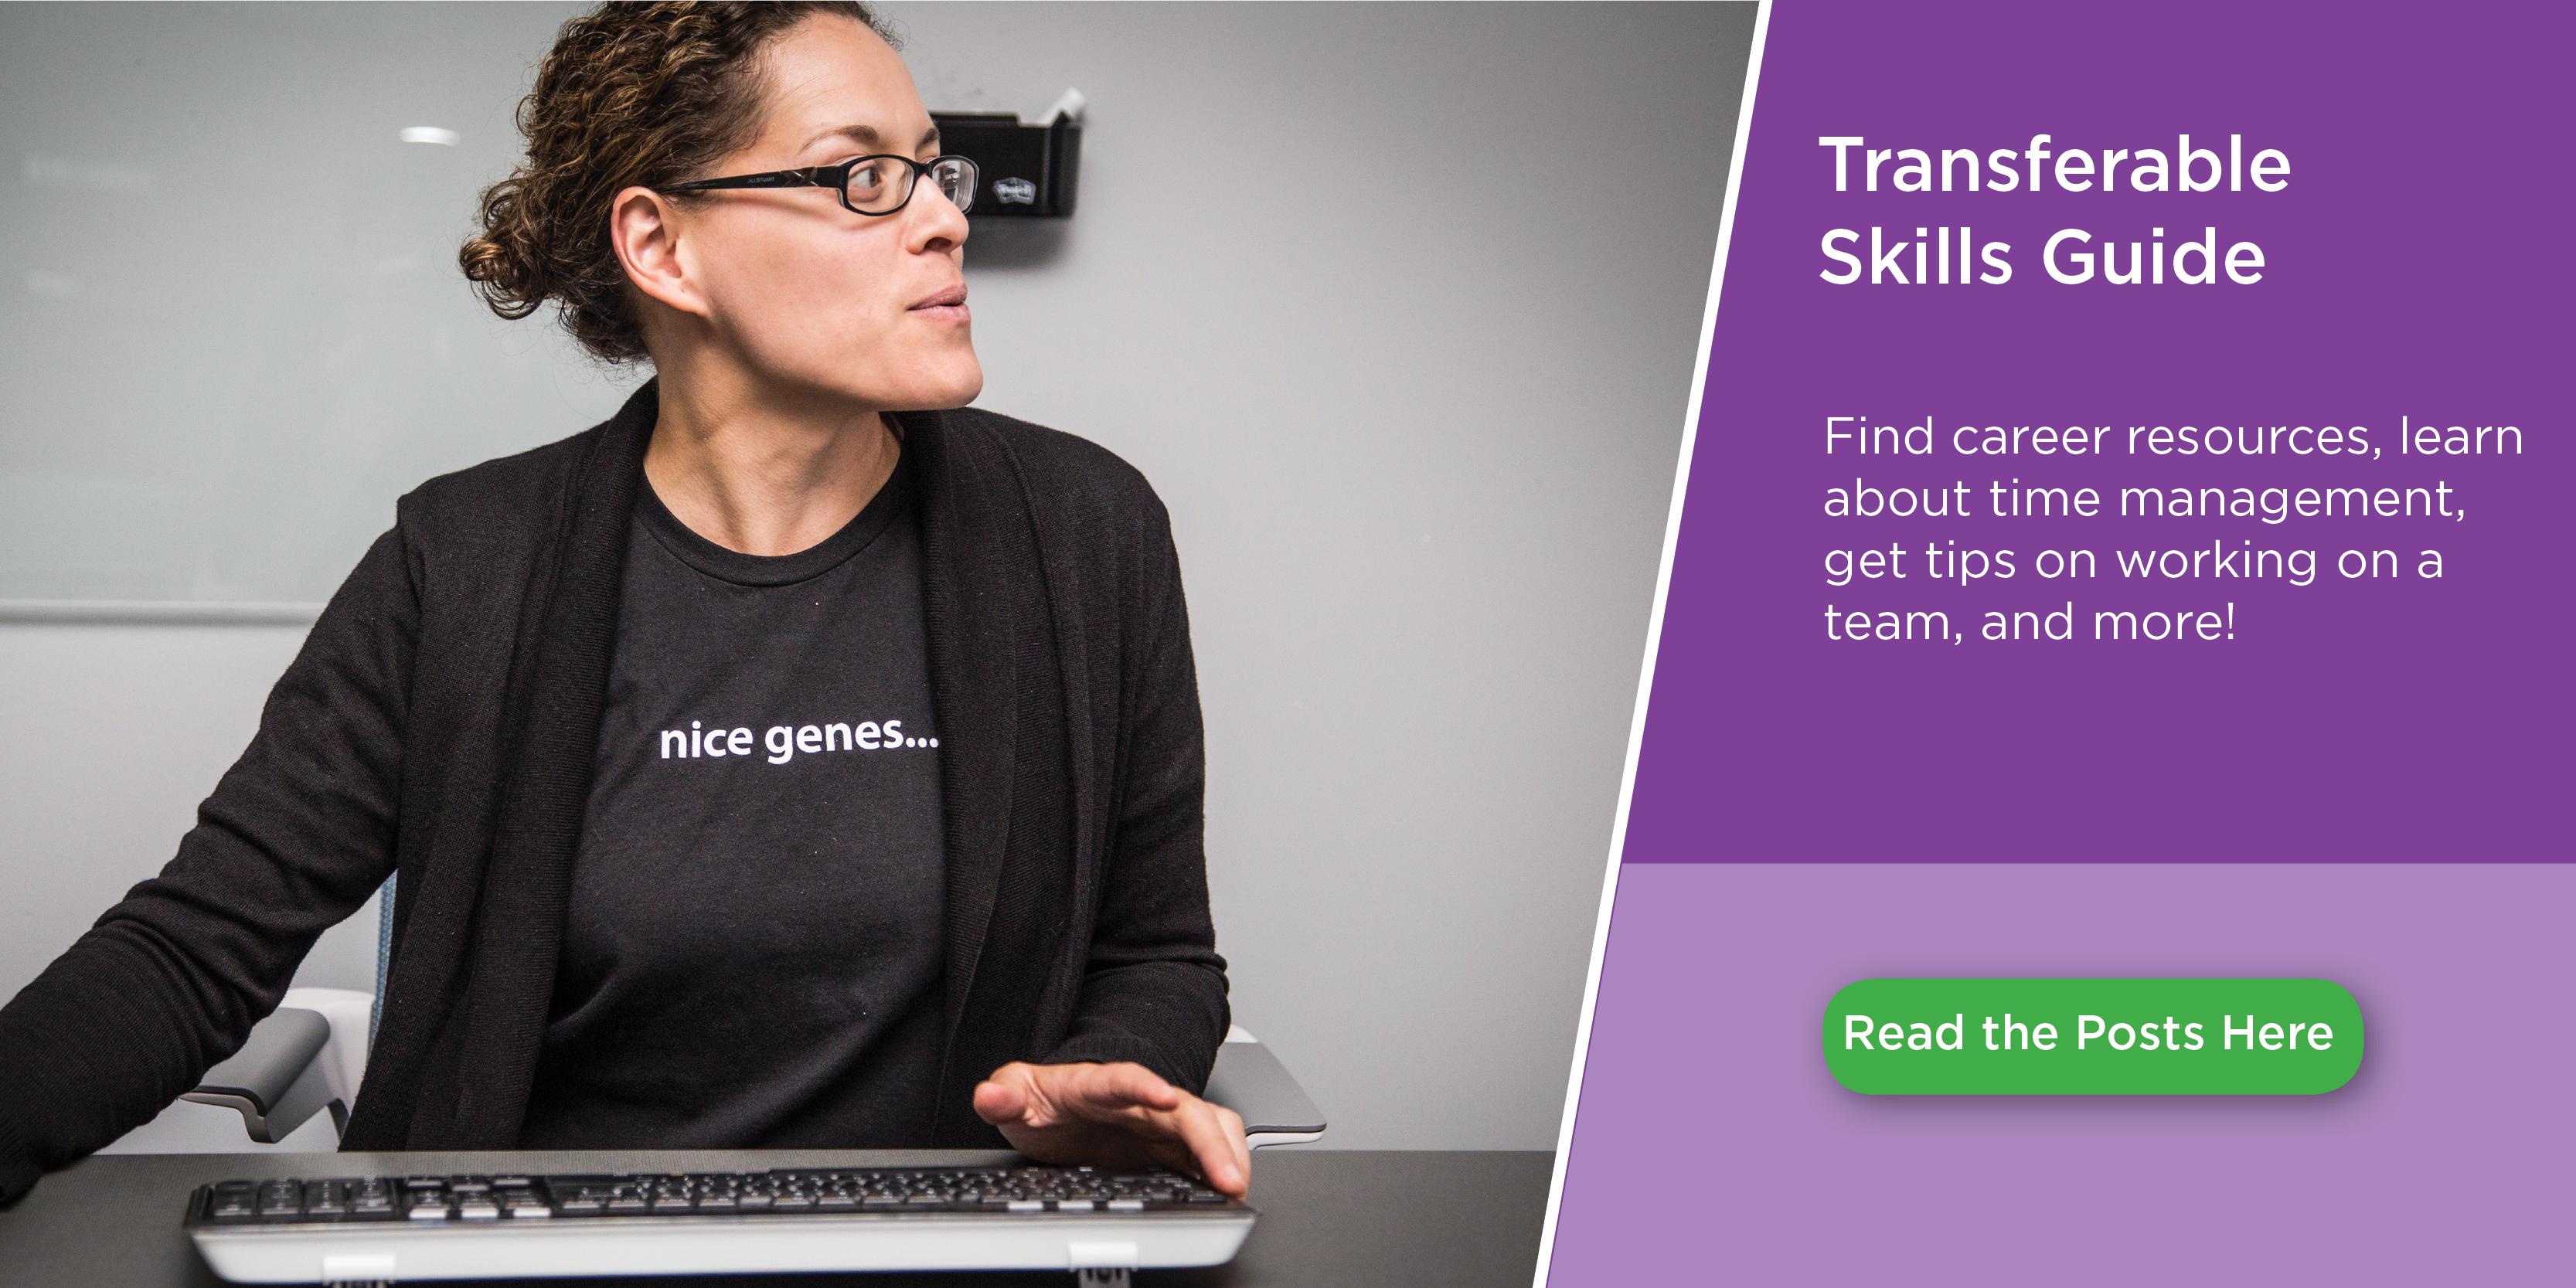 Transferable Skills Guide Slider